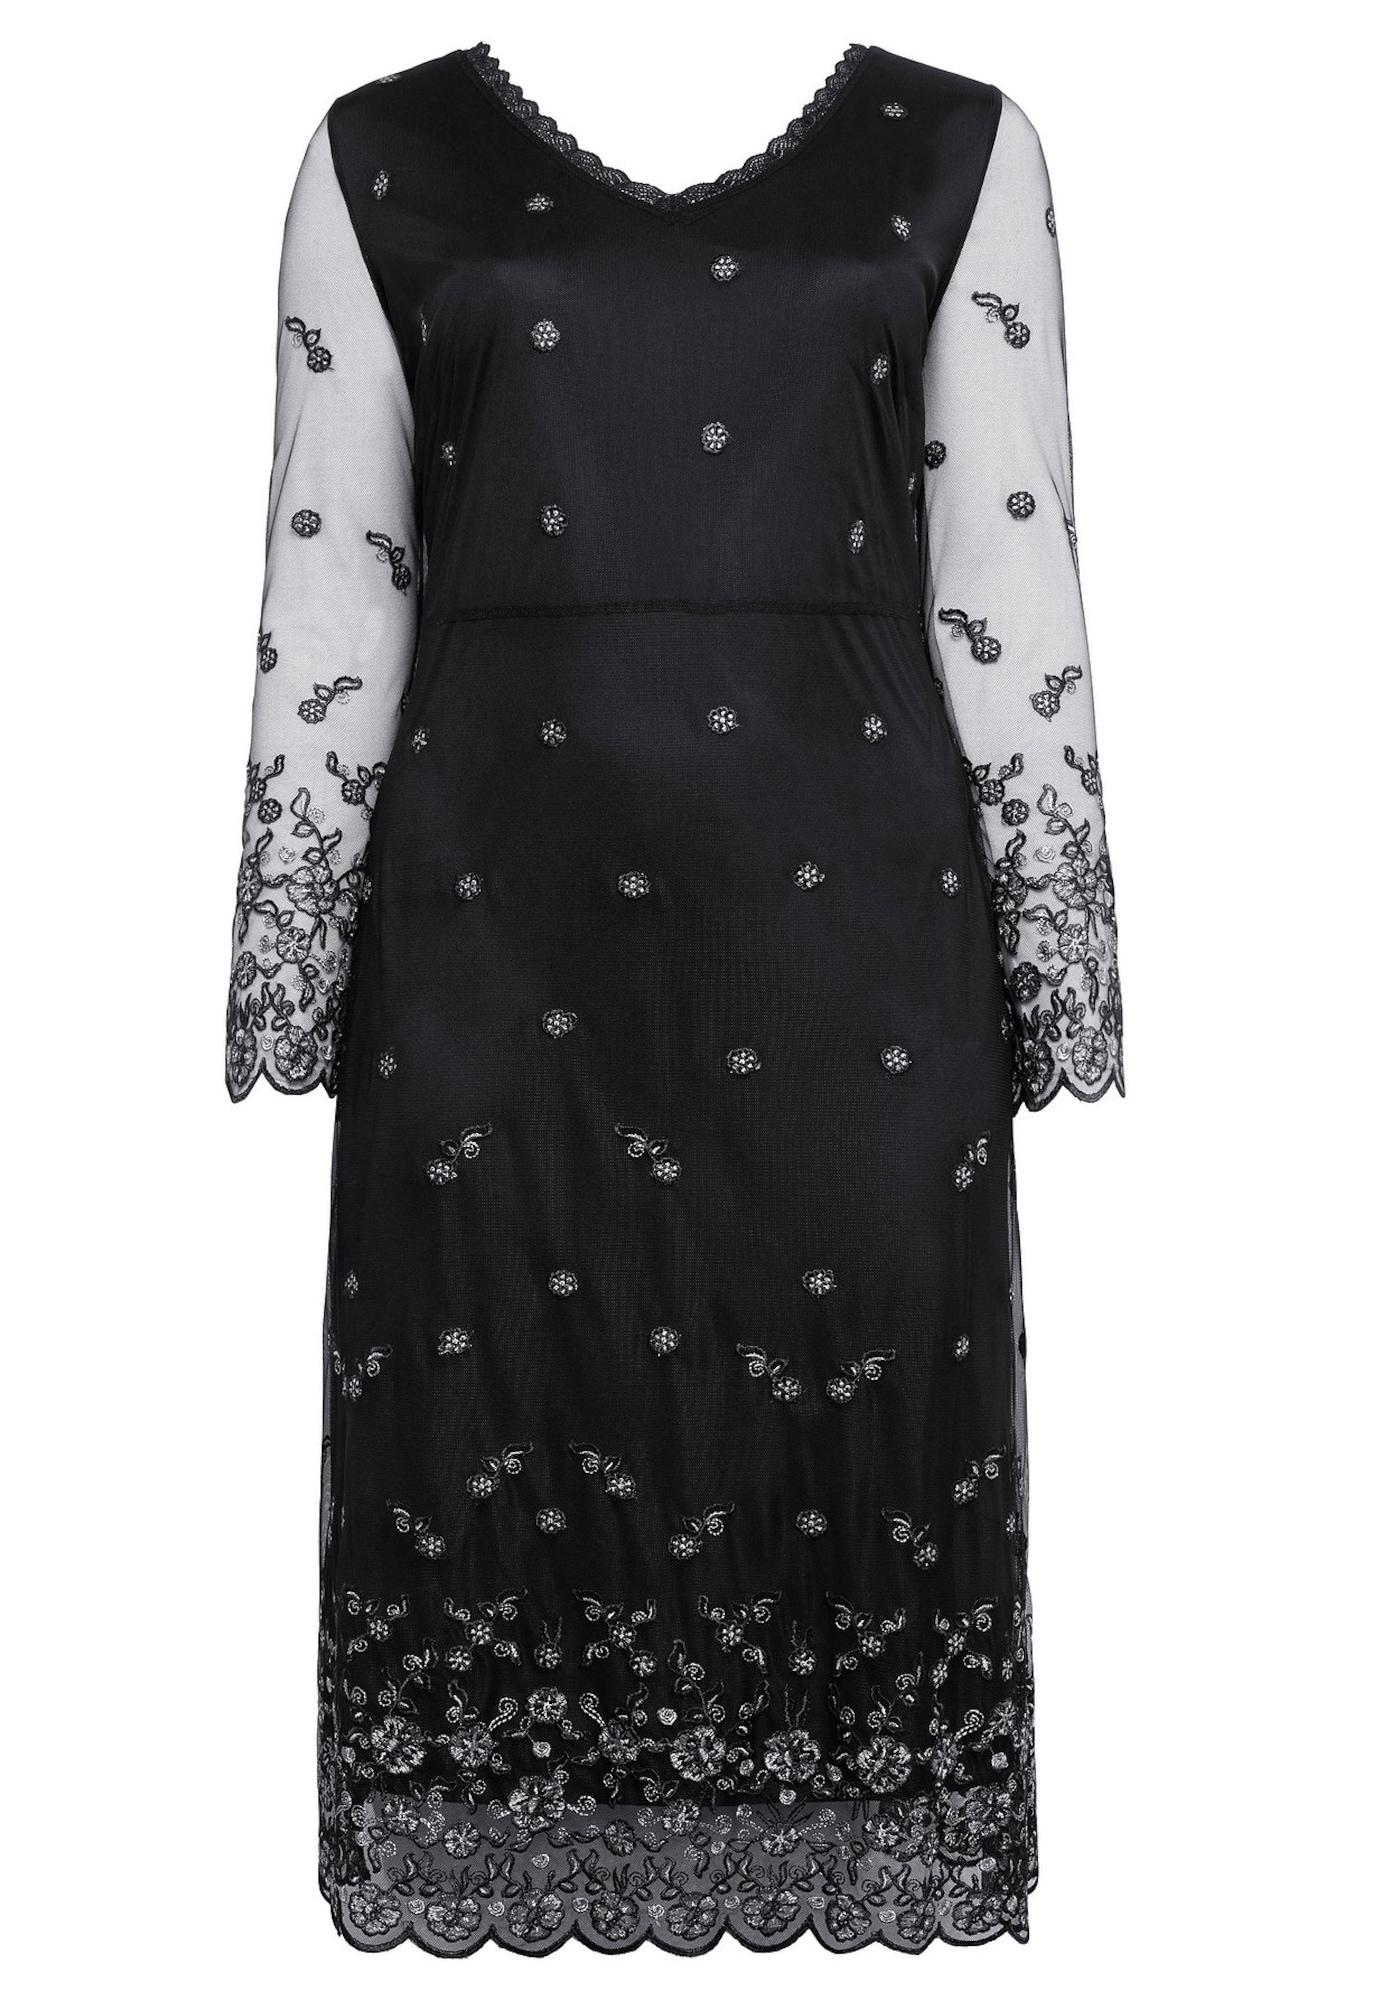 Abendkleid | Bekleidung > Kleider > Abendkleider | Schwarz - Weiß | SHEEGO